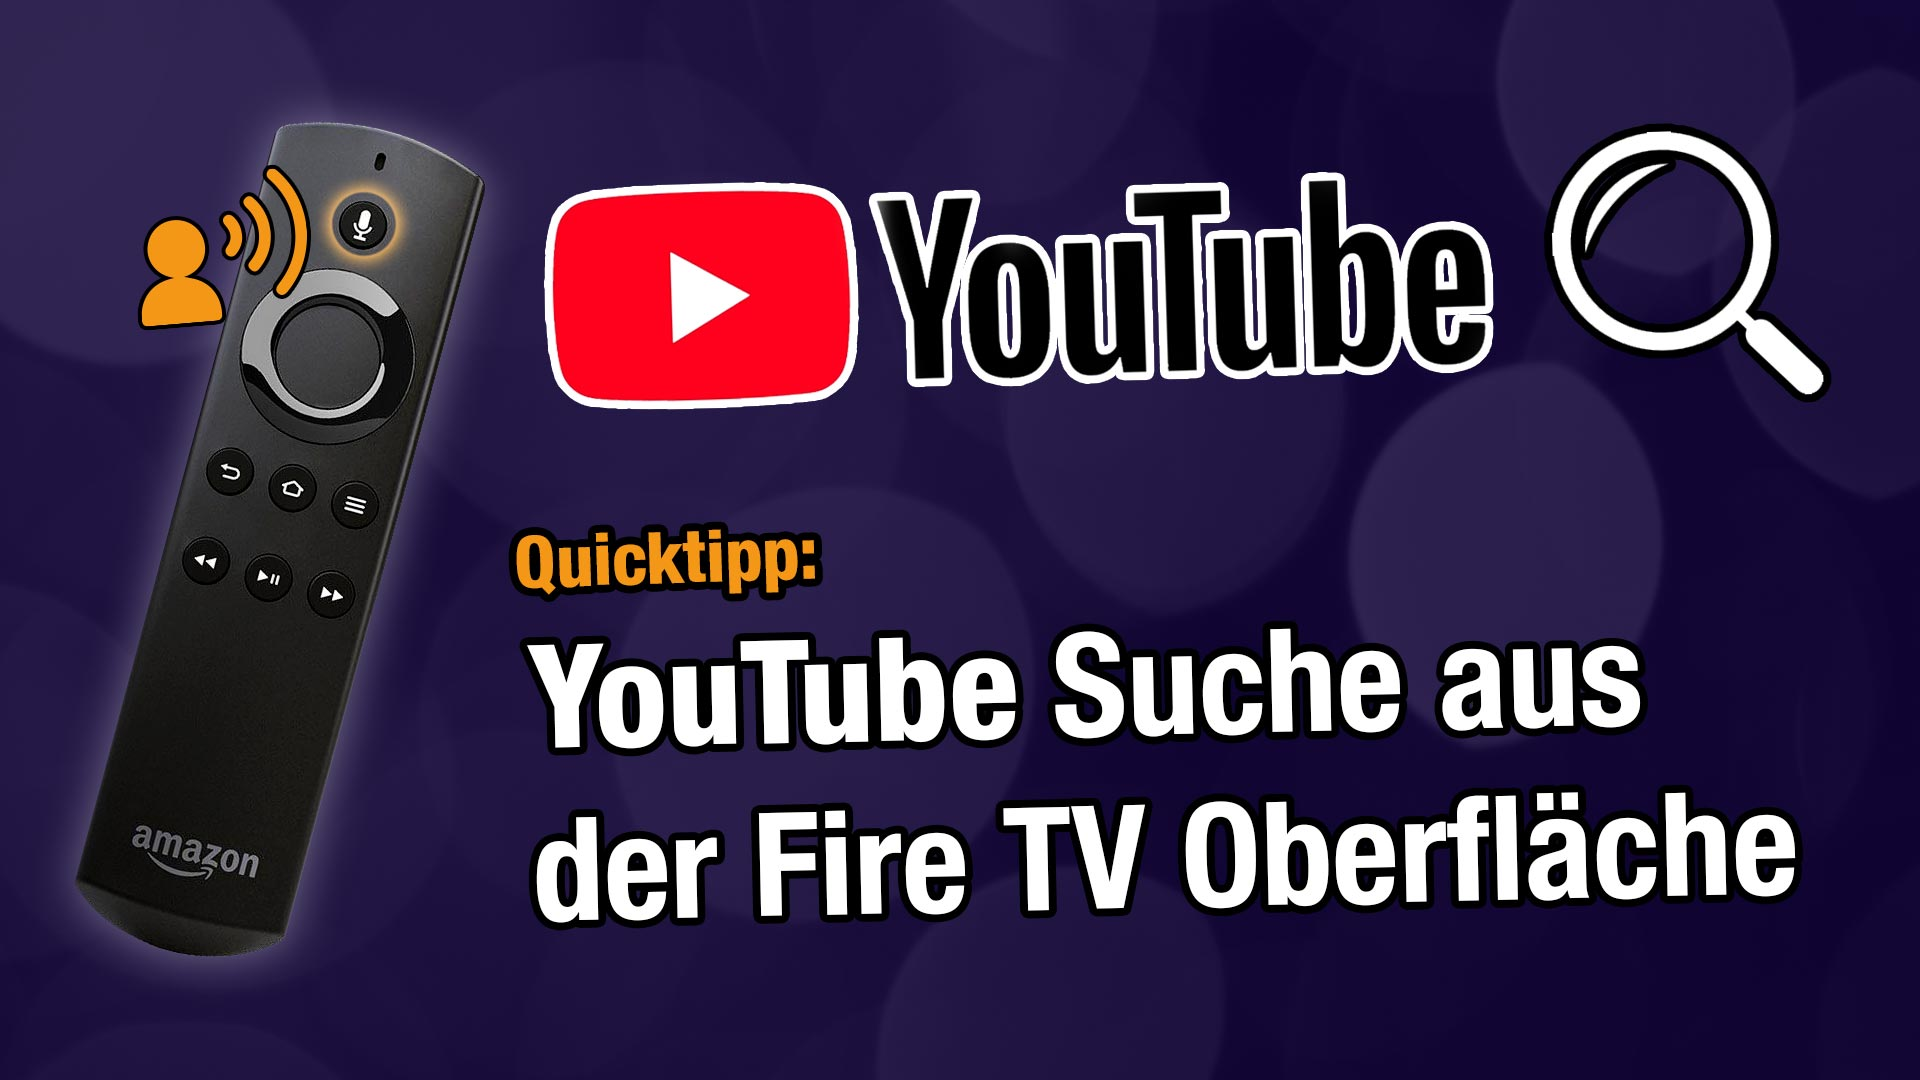 Youtube Auf Fire Tv